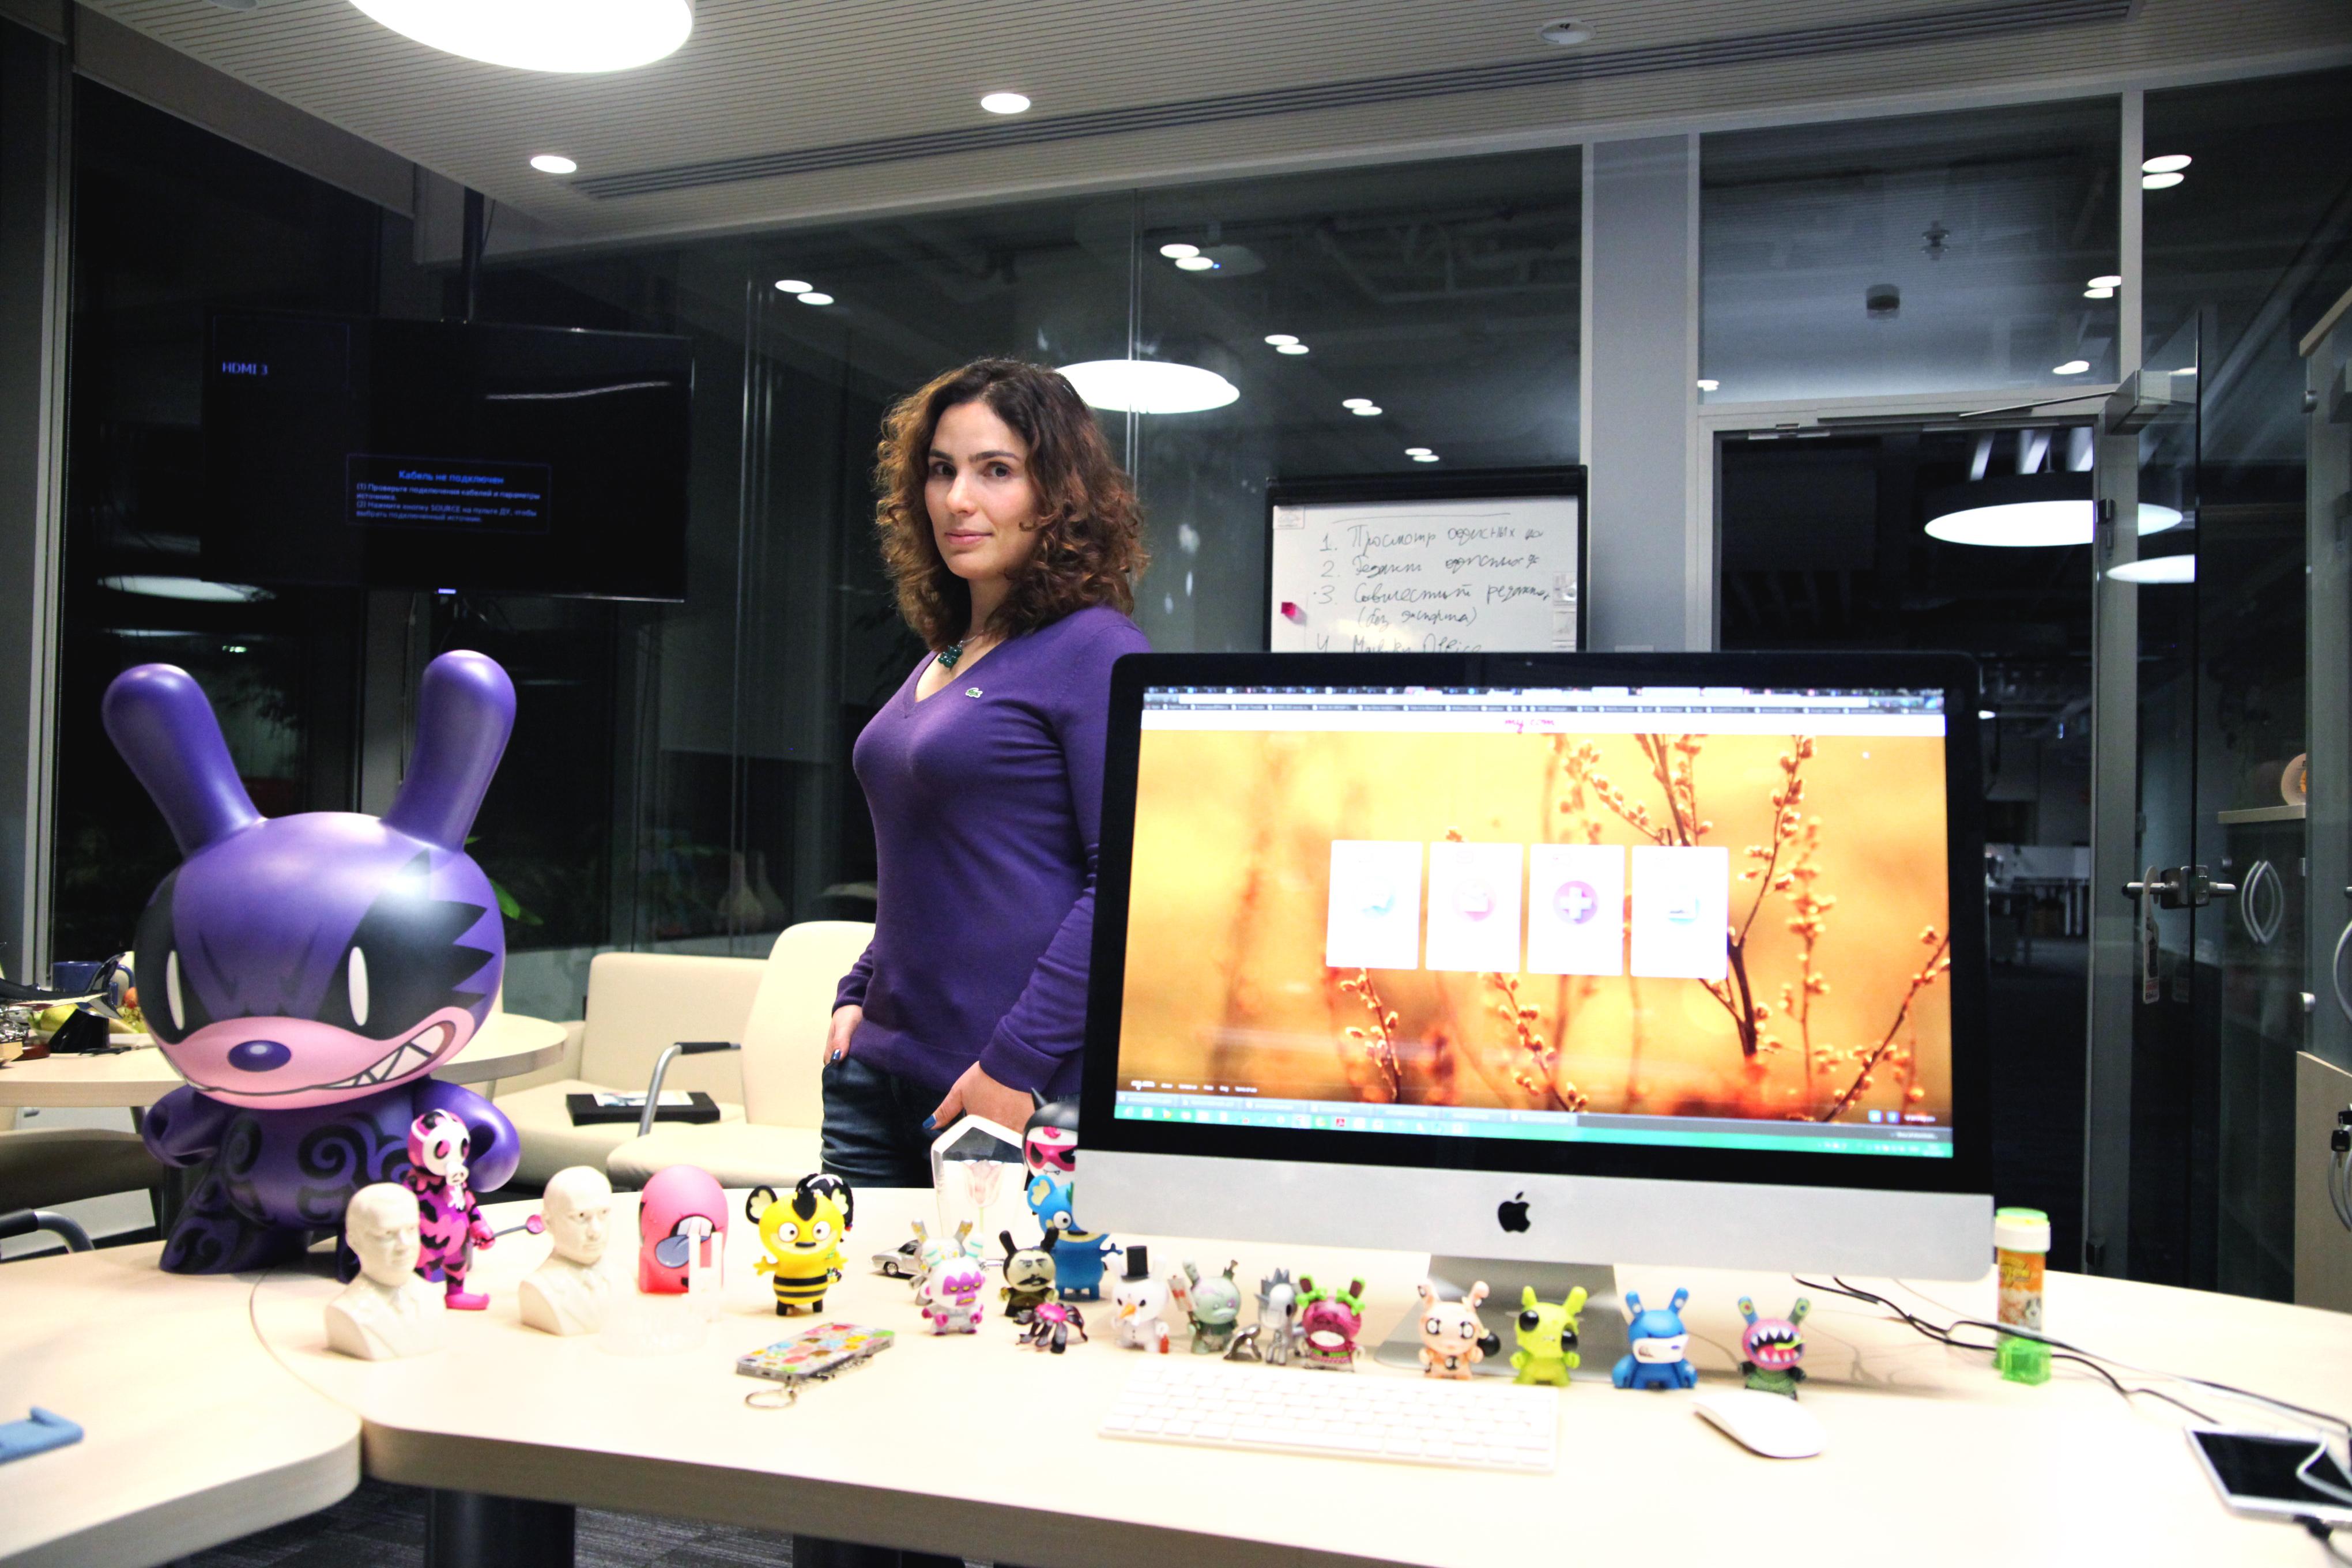 Рабочие места: Анна Артамонова, вице-президент Mail.Ru Group